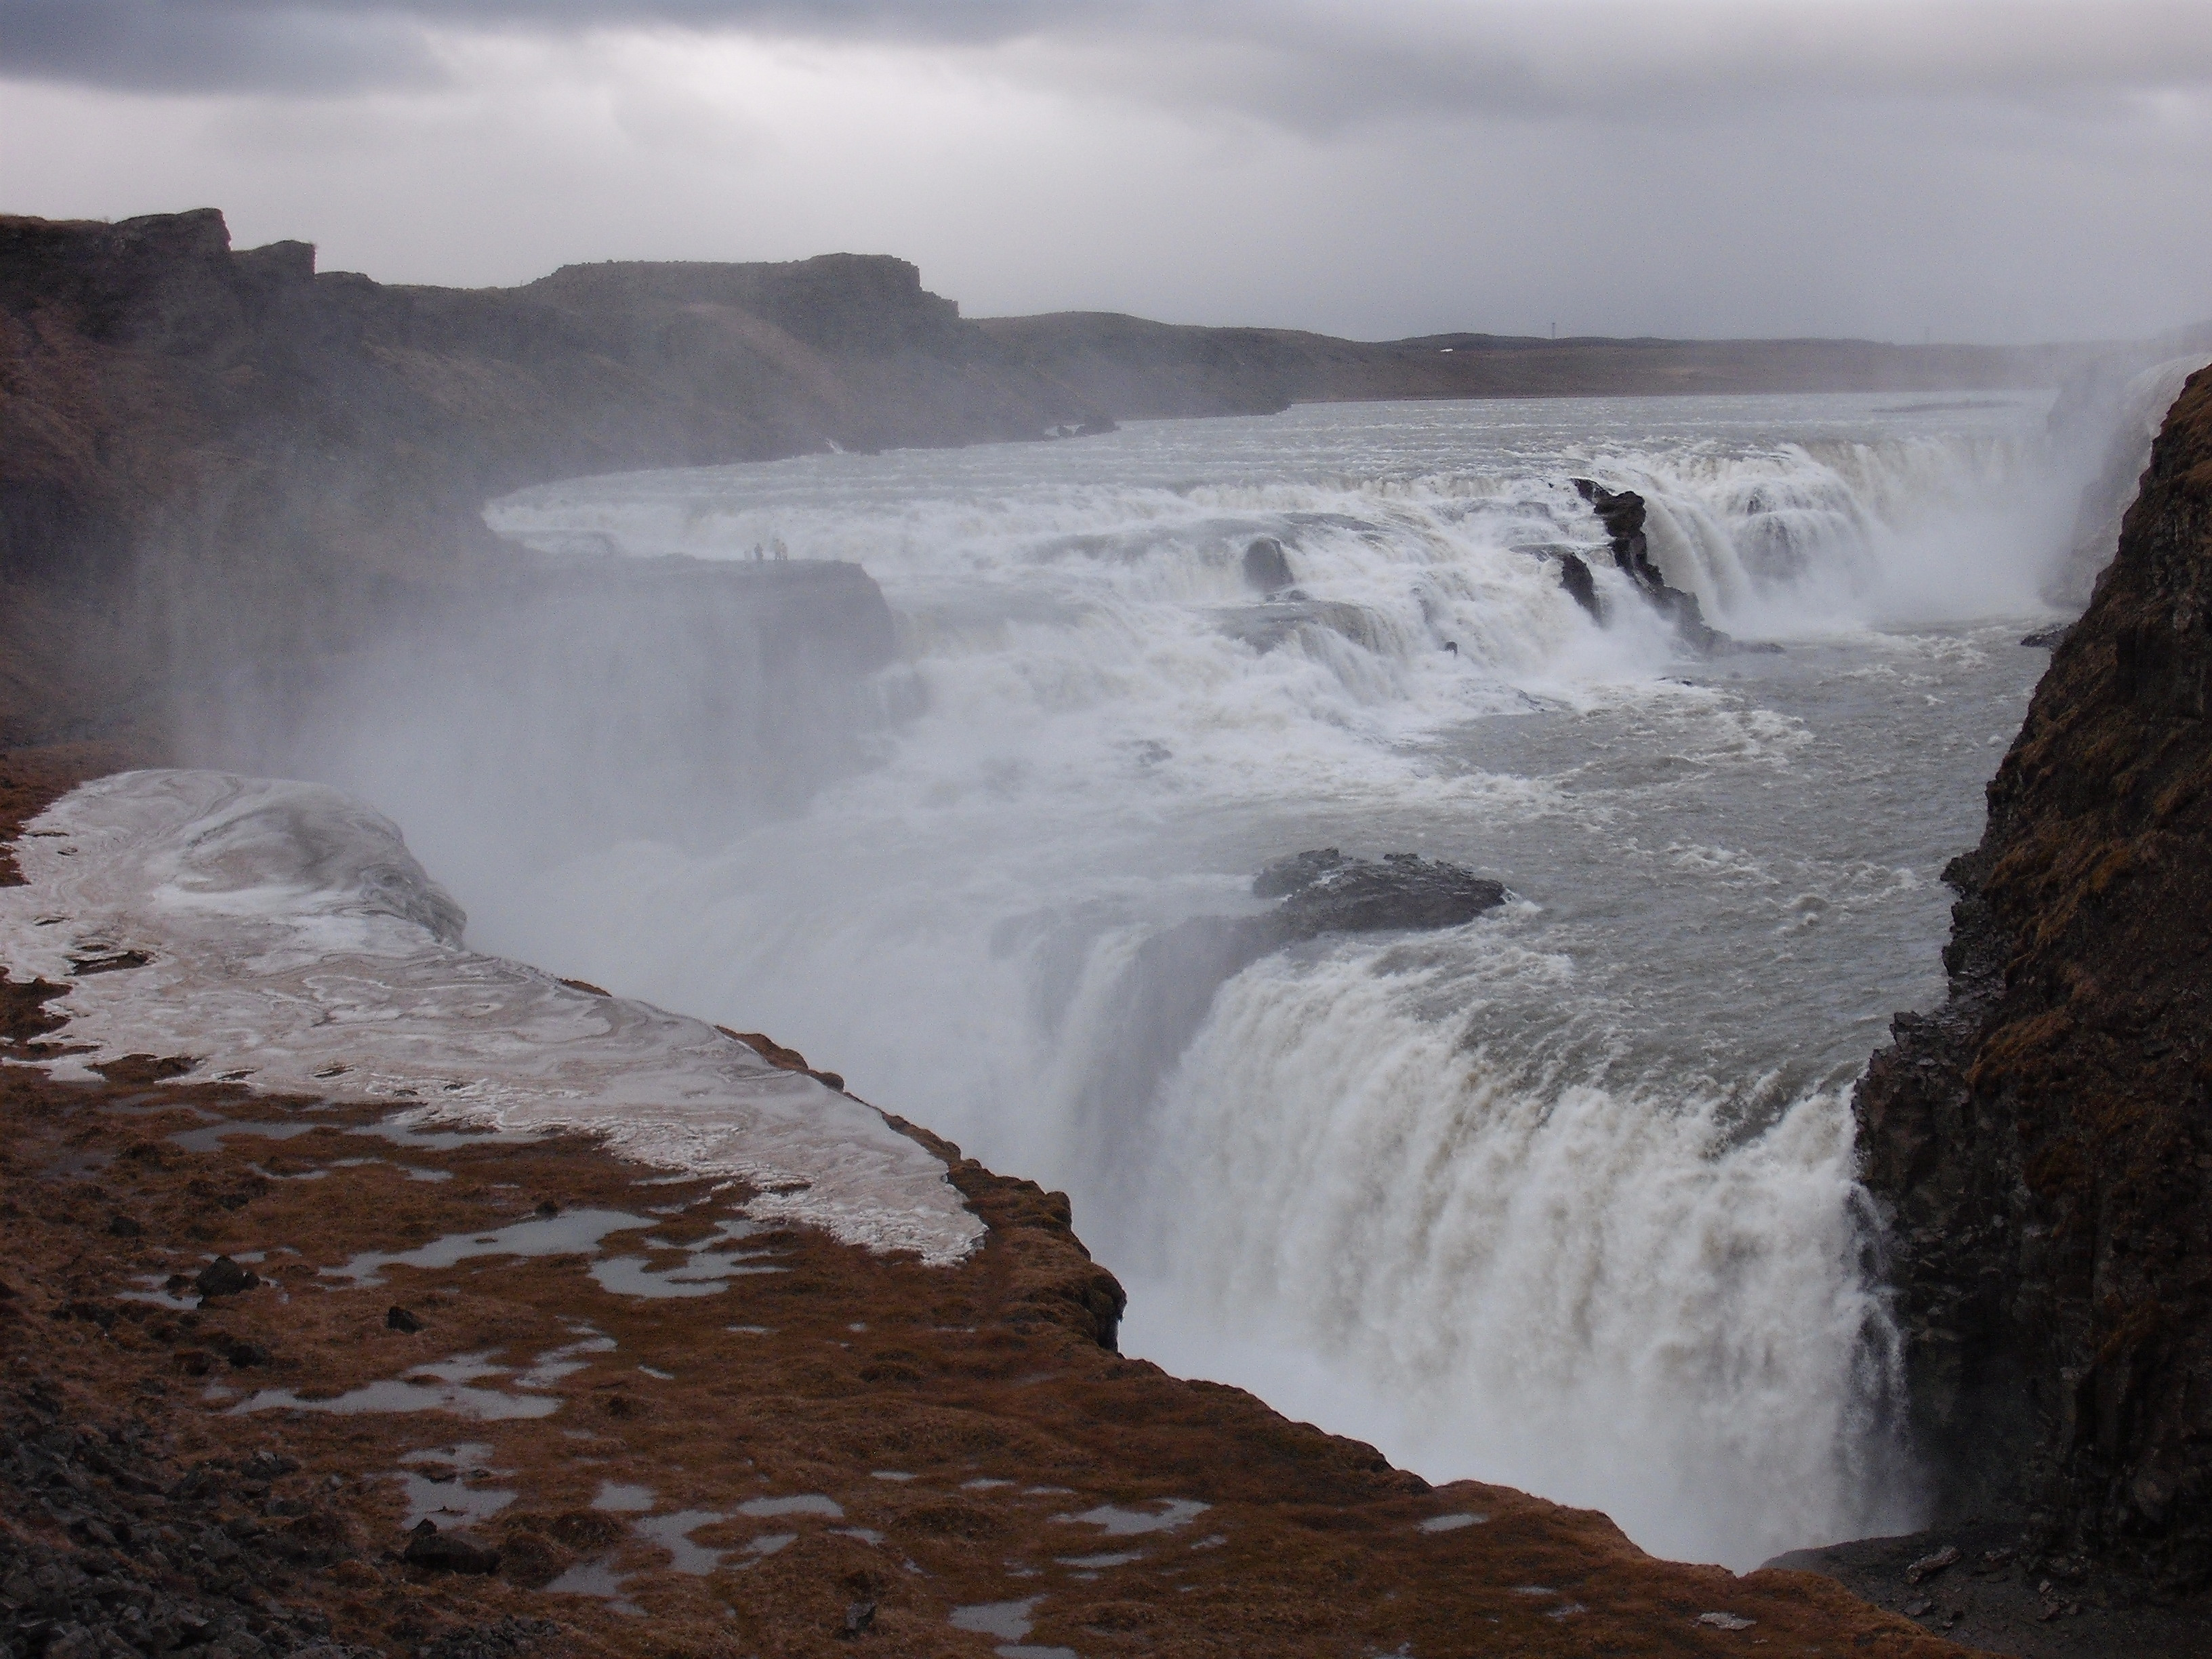 http://cdn.oboi7.com/fe531bd98bb86b72edd7068b83040589ae72f990/pejzazhi-priroda-islandiya-vodopady.jpg